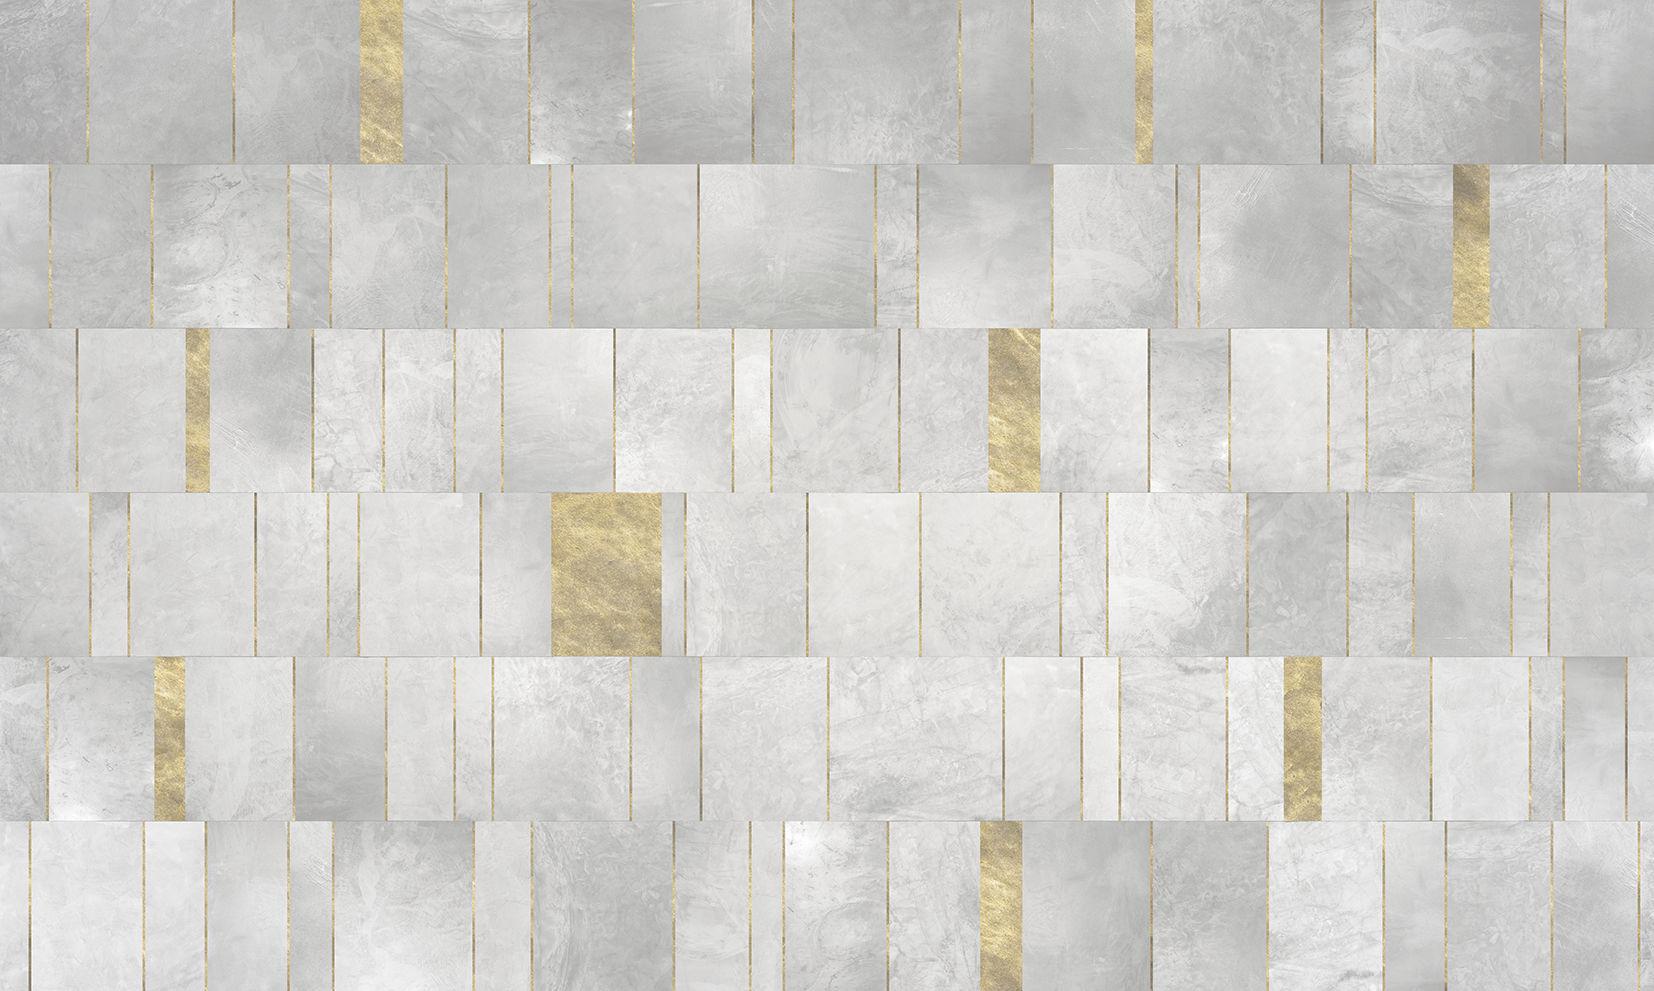 Carta da parati moderna in tessuto non tessuto a quadretti